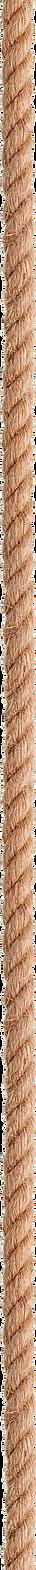 вертикальный канат.png